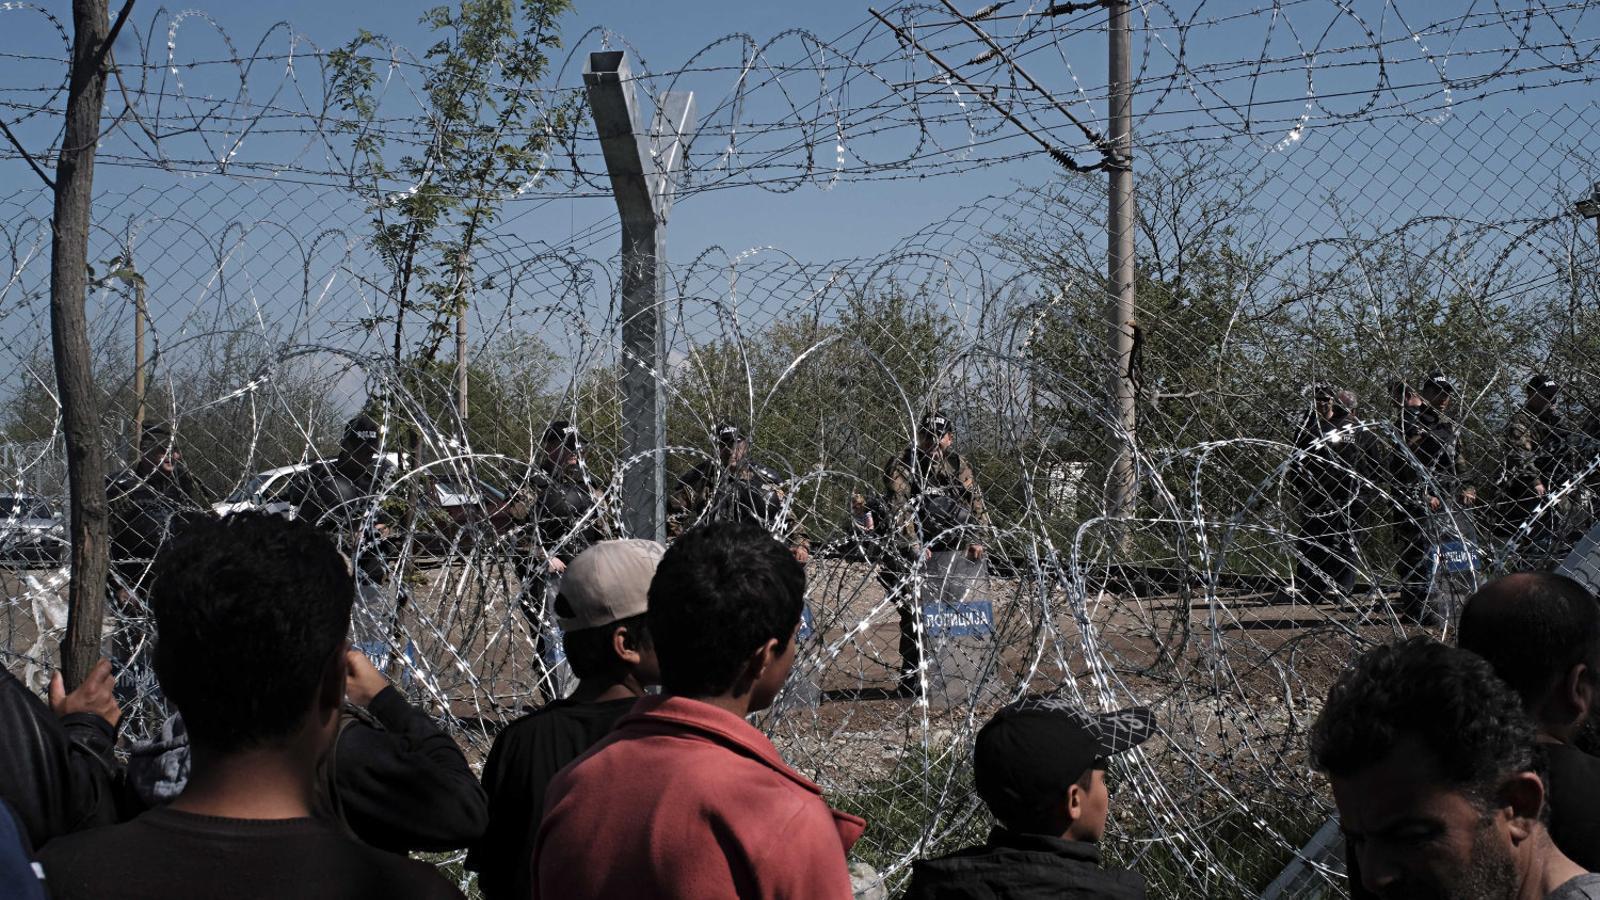 Camp de refugiats d'Idomeni, a la frontera entre Grècia i Macedònia. La policia vigila des de l'altra banda de la tanca.